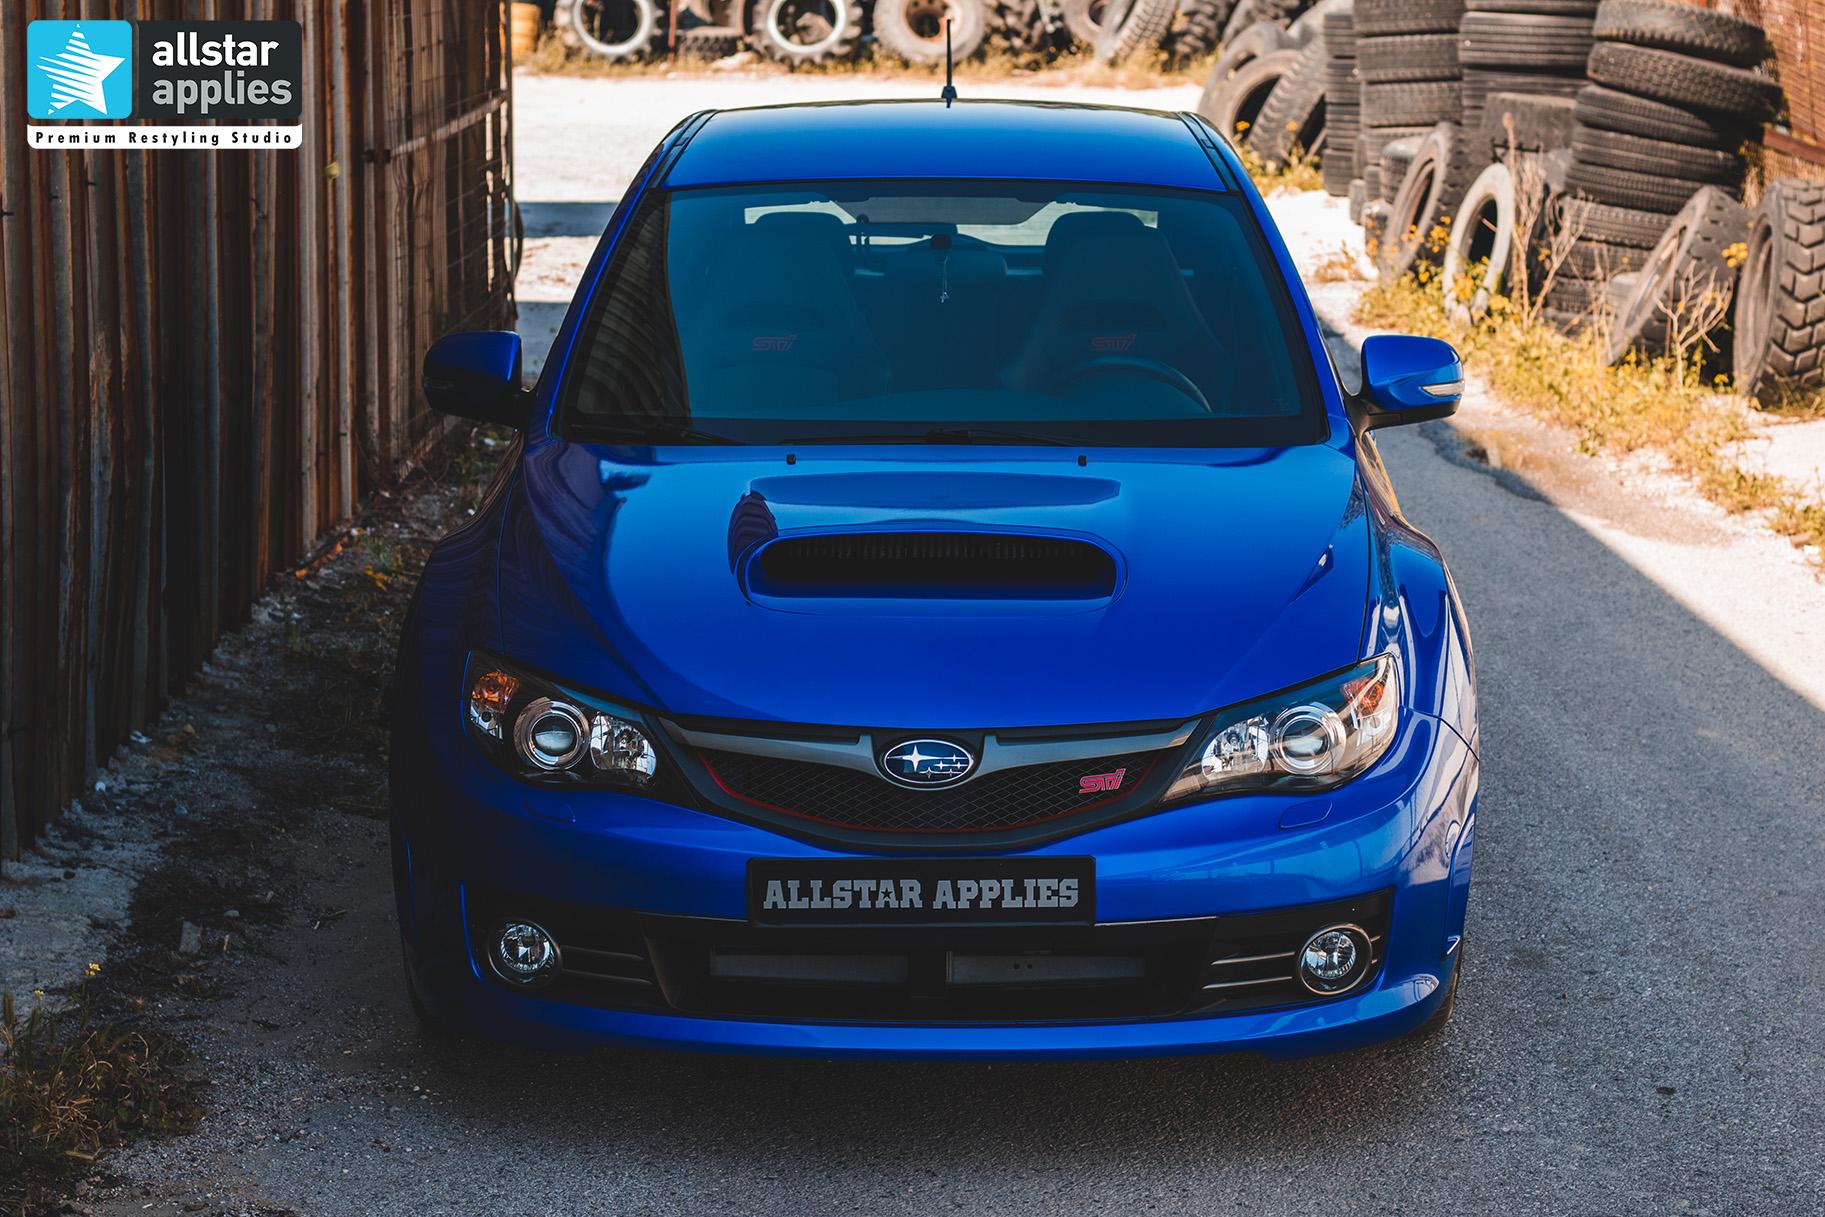 Προστασία χρώματος αυτοκινήτου με μεμβράνες σε subaru impreza wrx στη Θεσσαλονίκη Allstar Applies